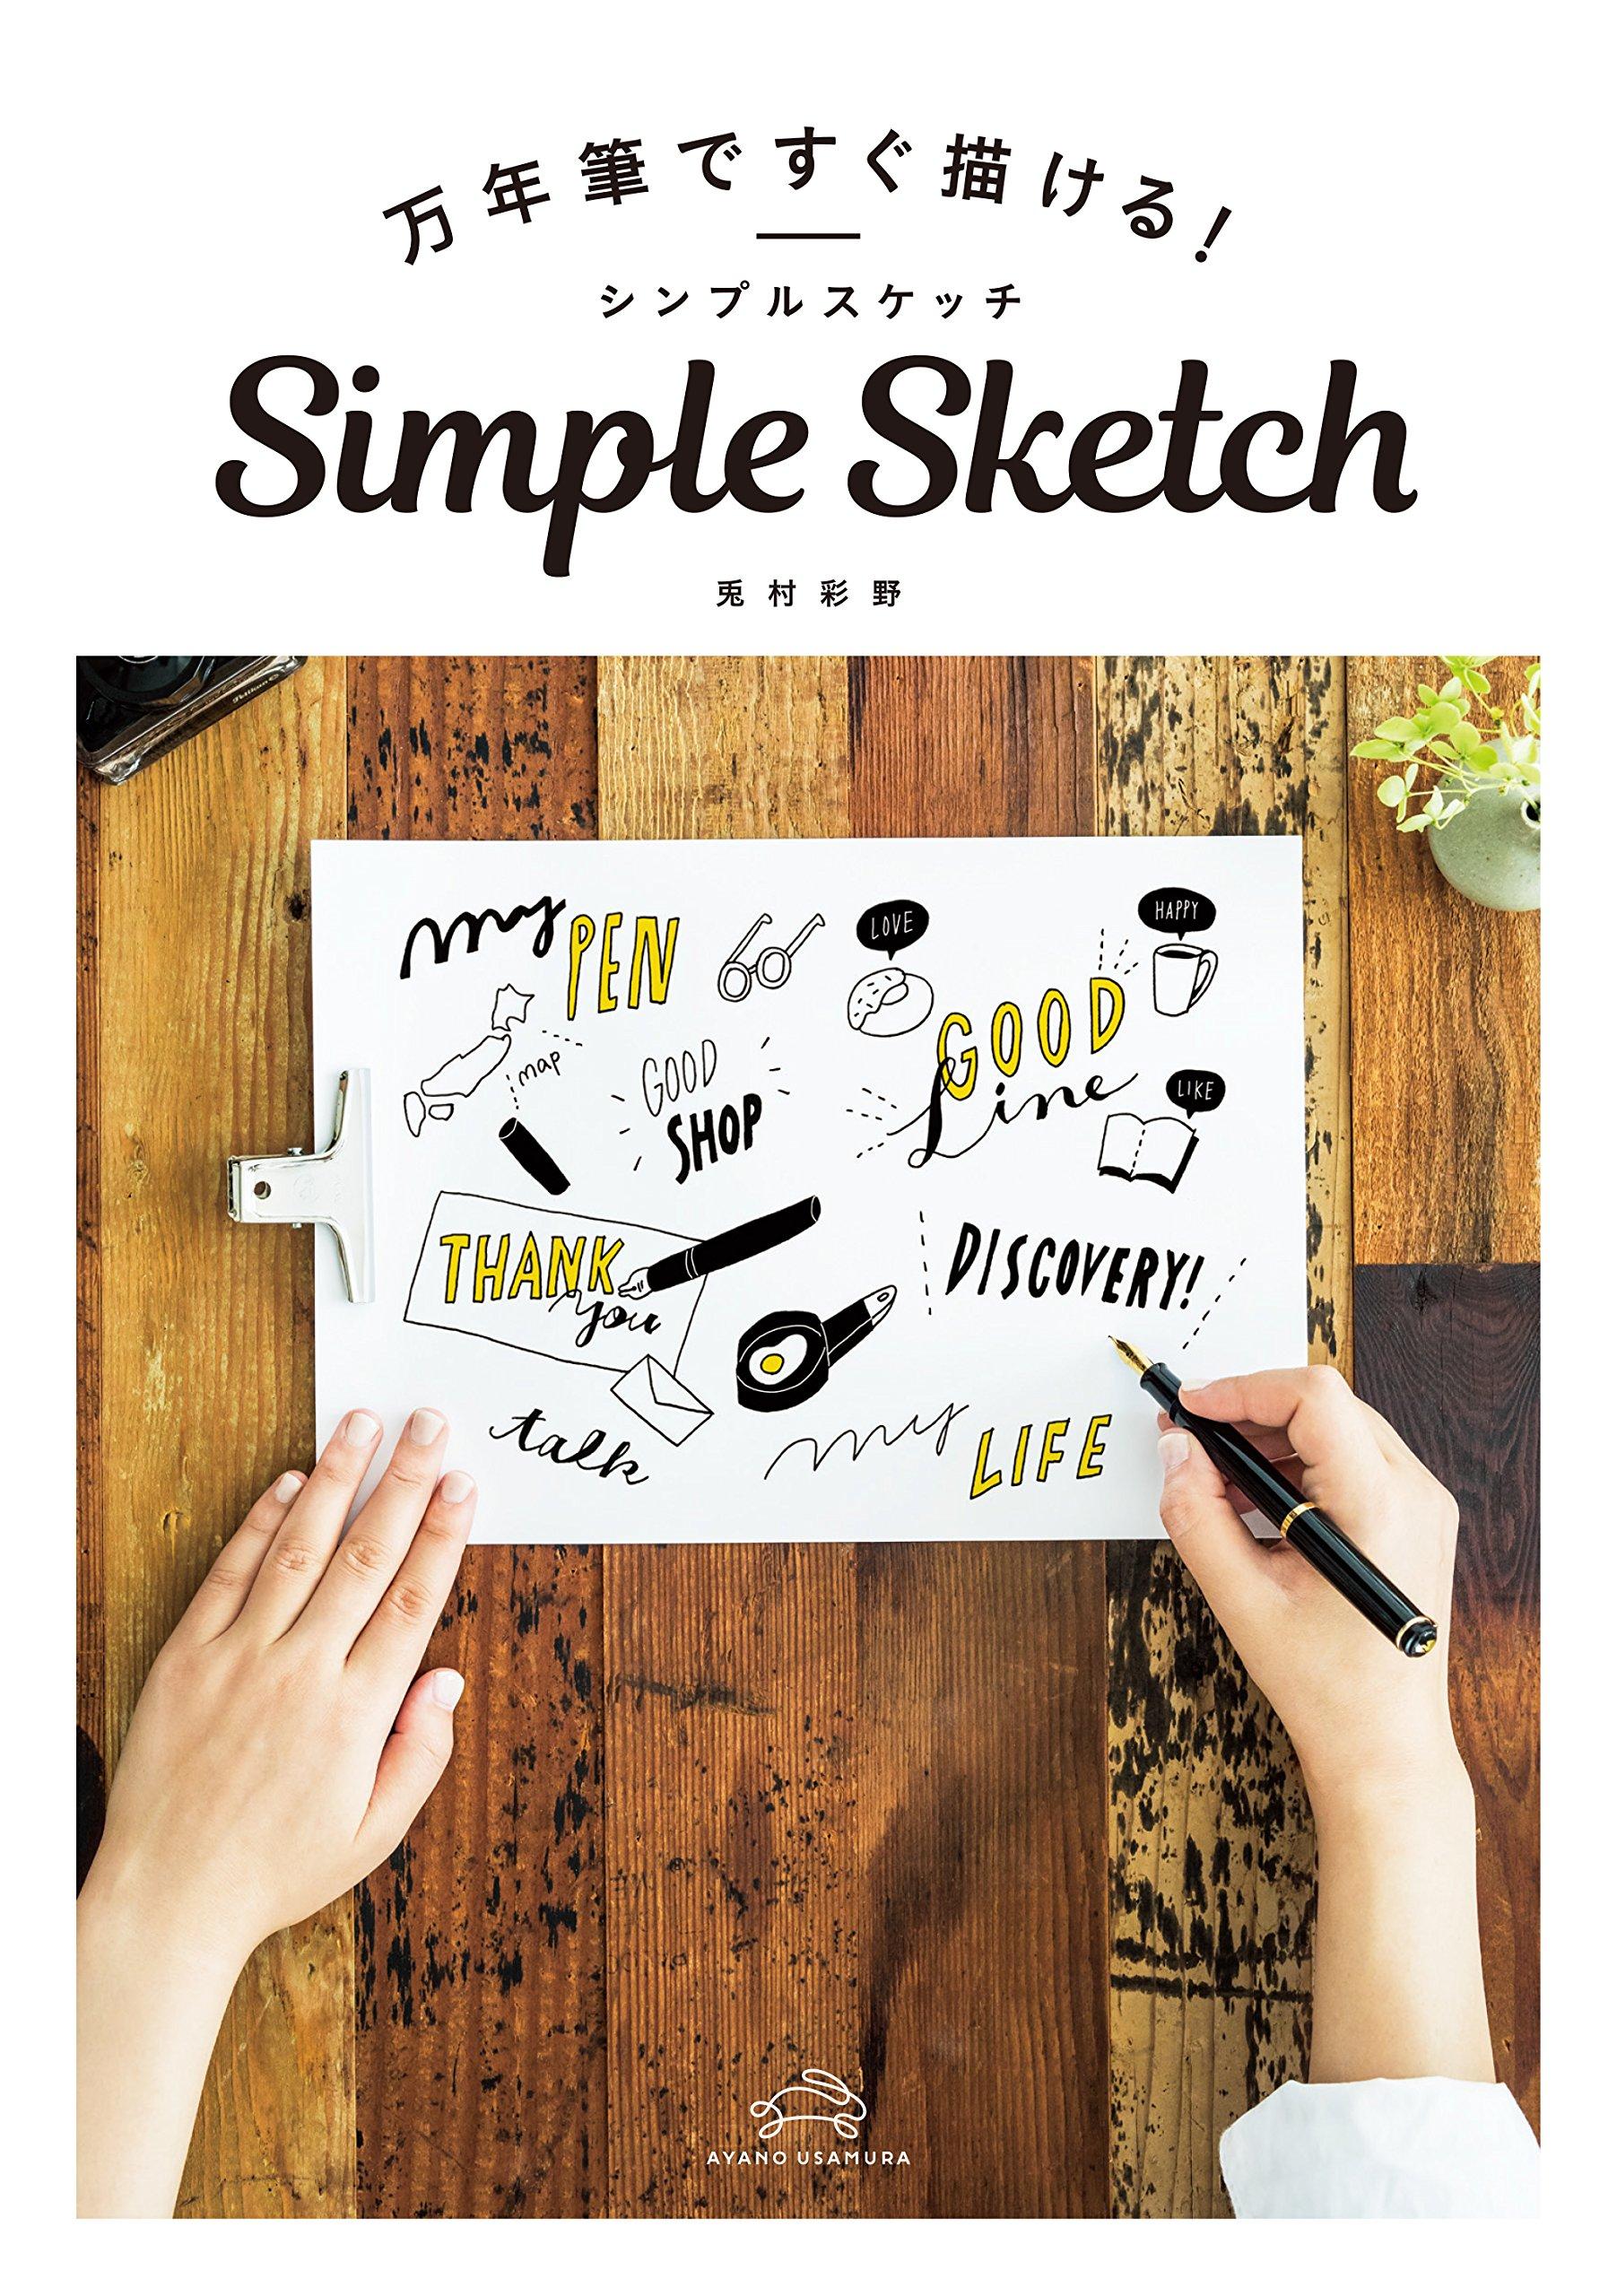 万年筆ですぐ描ける シンプルスケッチ 兎村 彩野 本 通販 Amazon